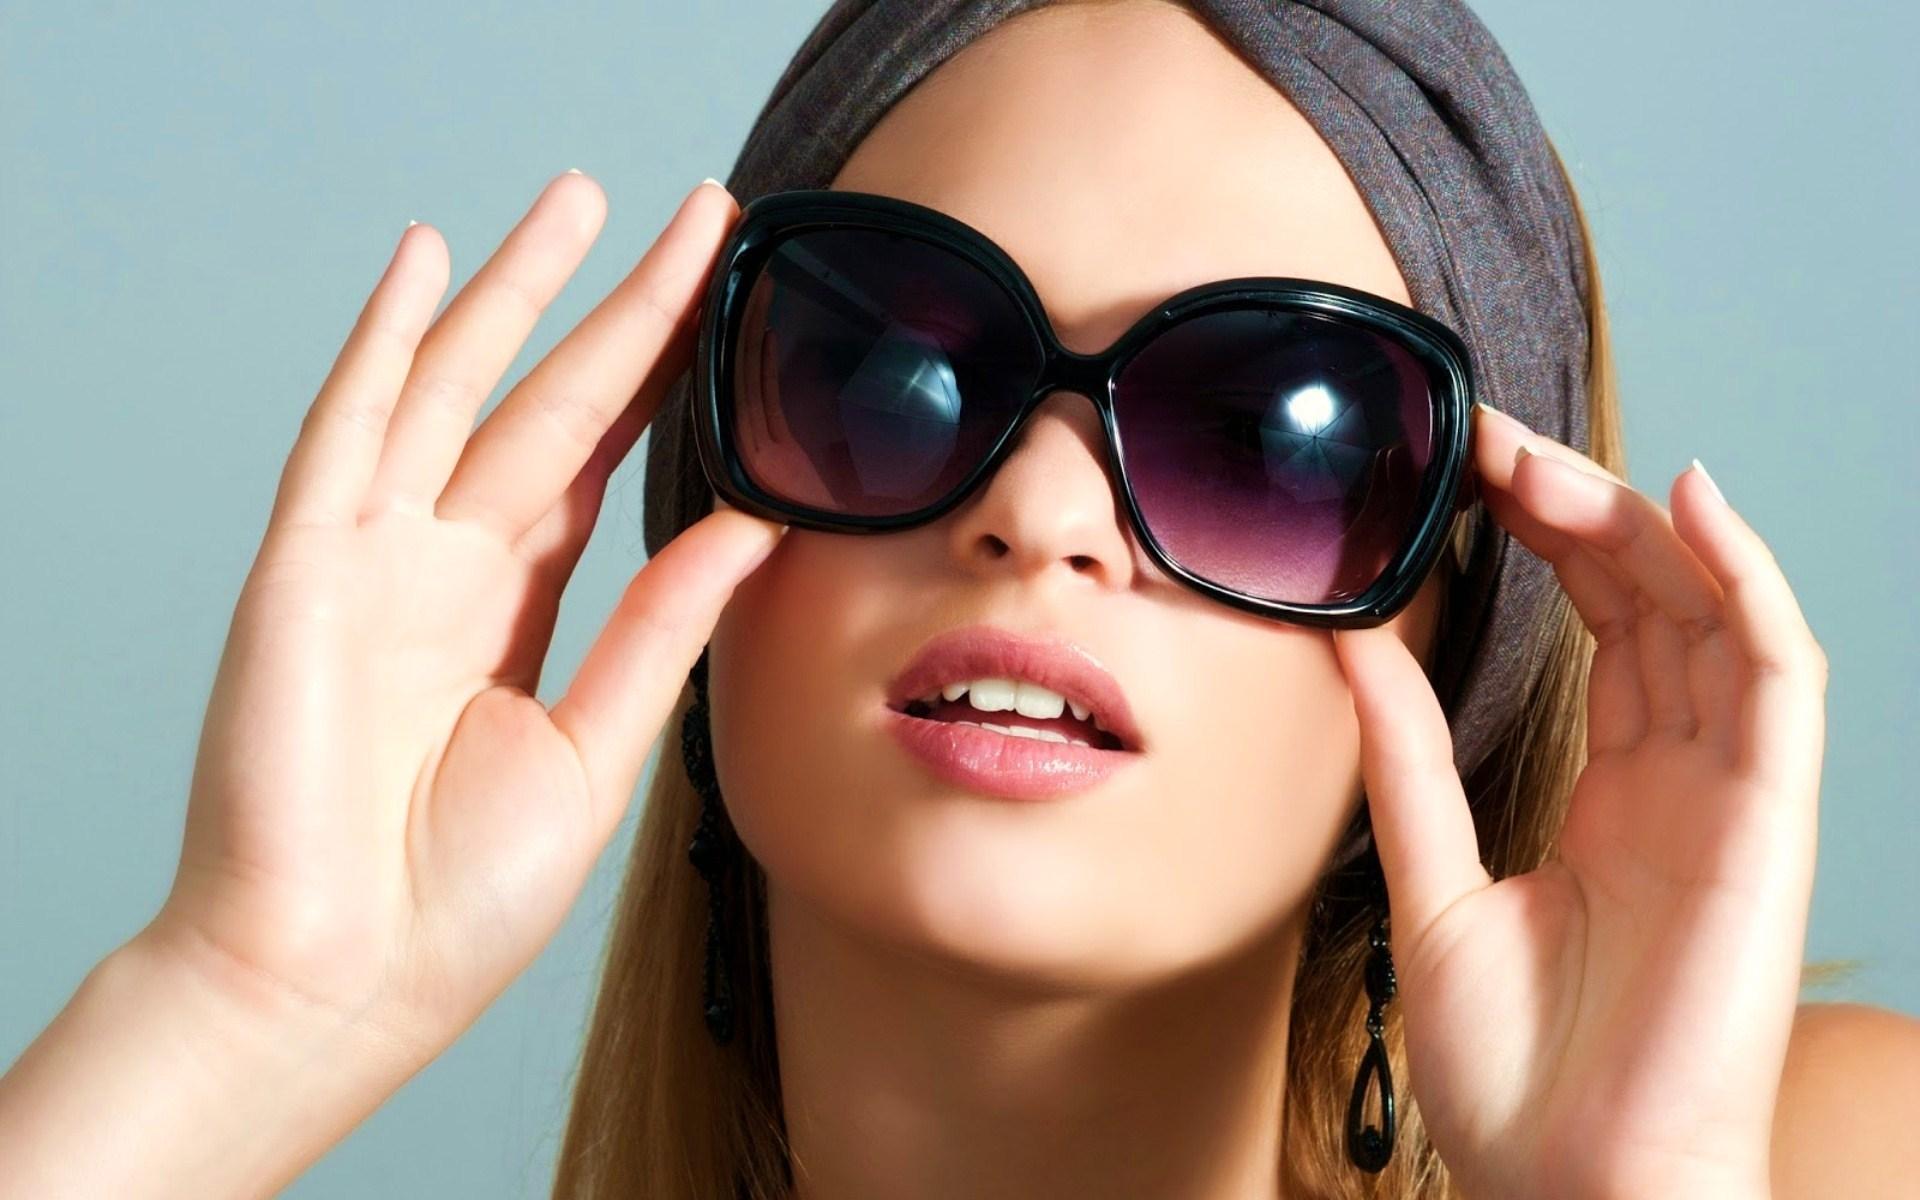 Картинка Девушка в солнечных очках » Девушки » Картинки 24 - скачать ... 492d86b643b